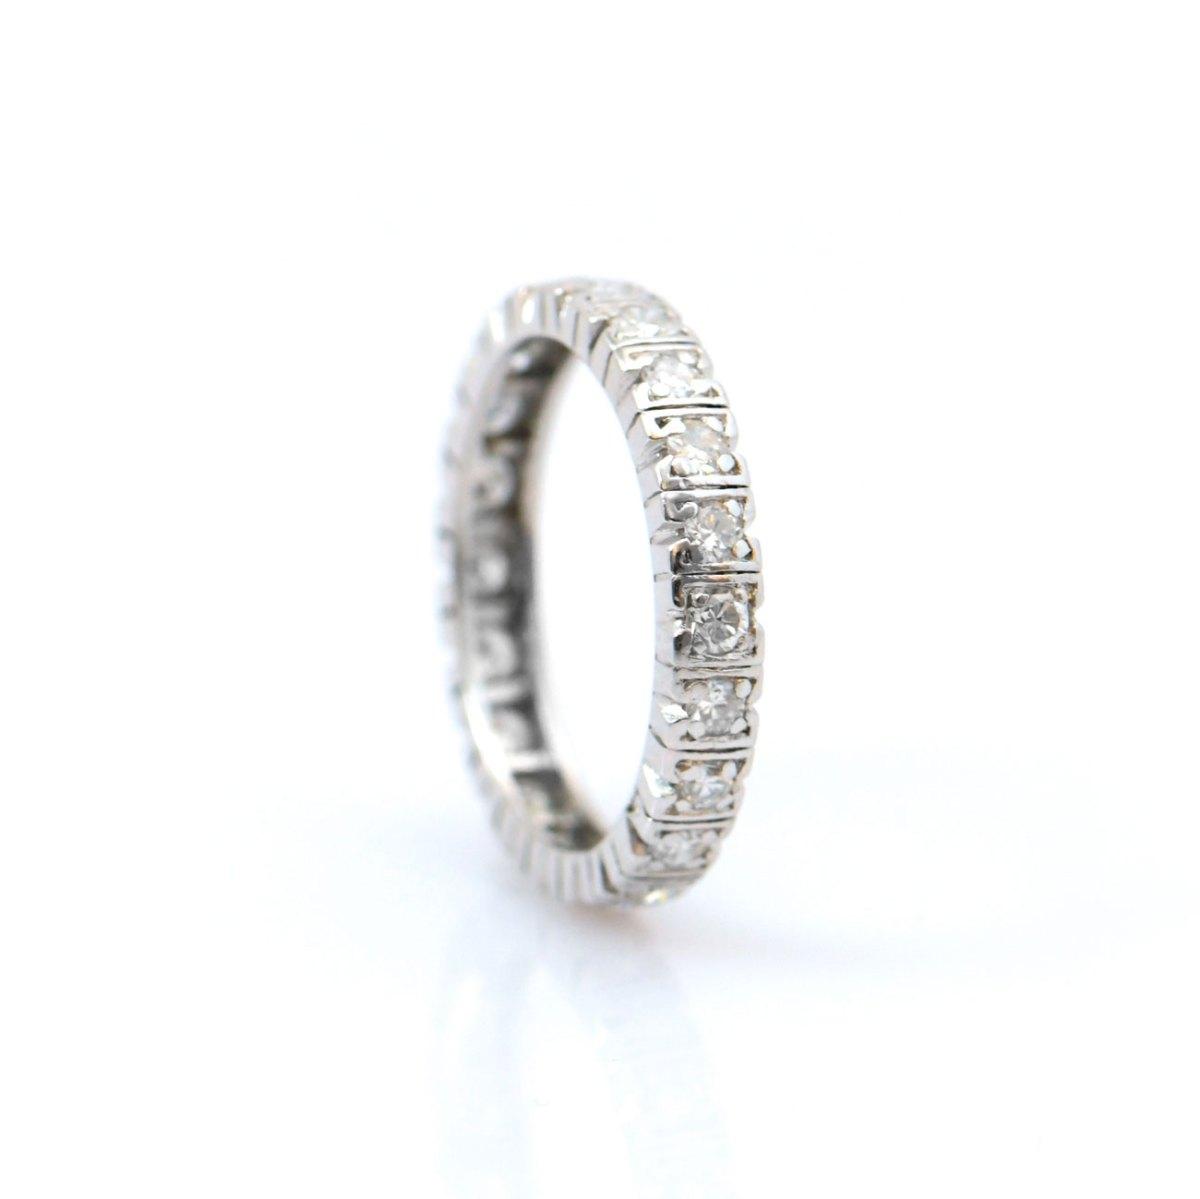 Alliance américaine diamants 0,60ct, 22 diamants taille brillant, serti griffes sur platine 950 ‰, taille 56. | Réf. BA-B13450 | EVENOR Joaillerie